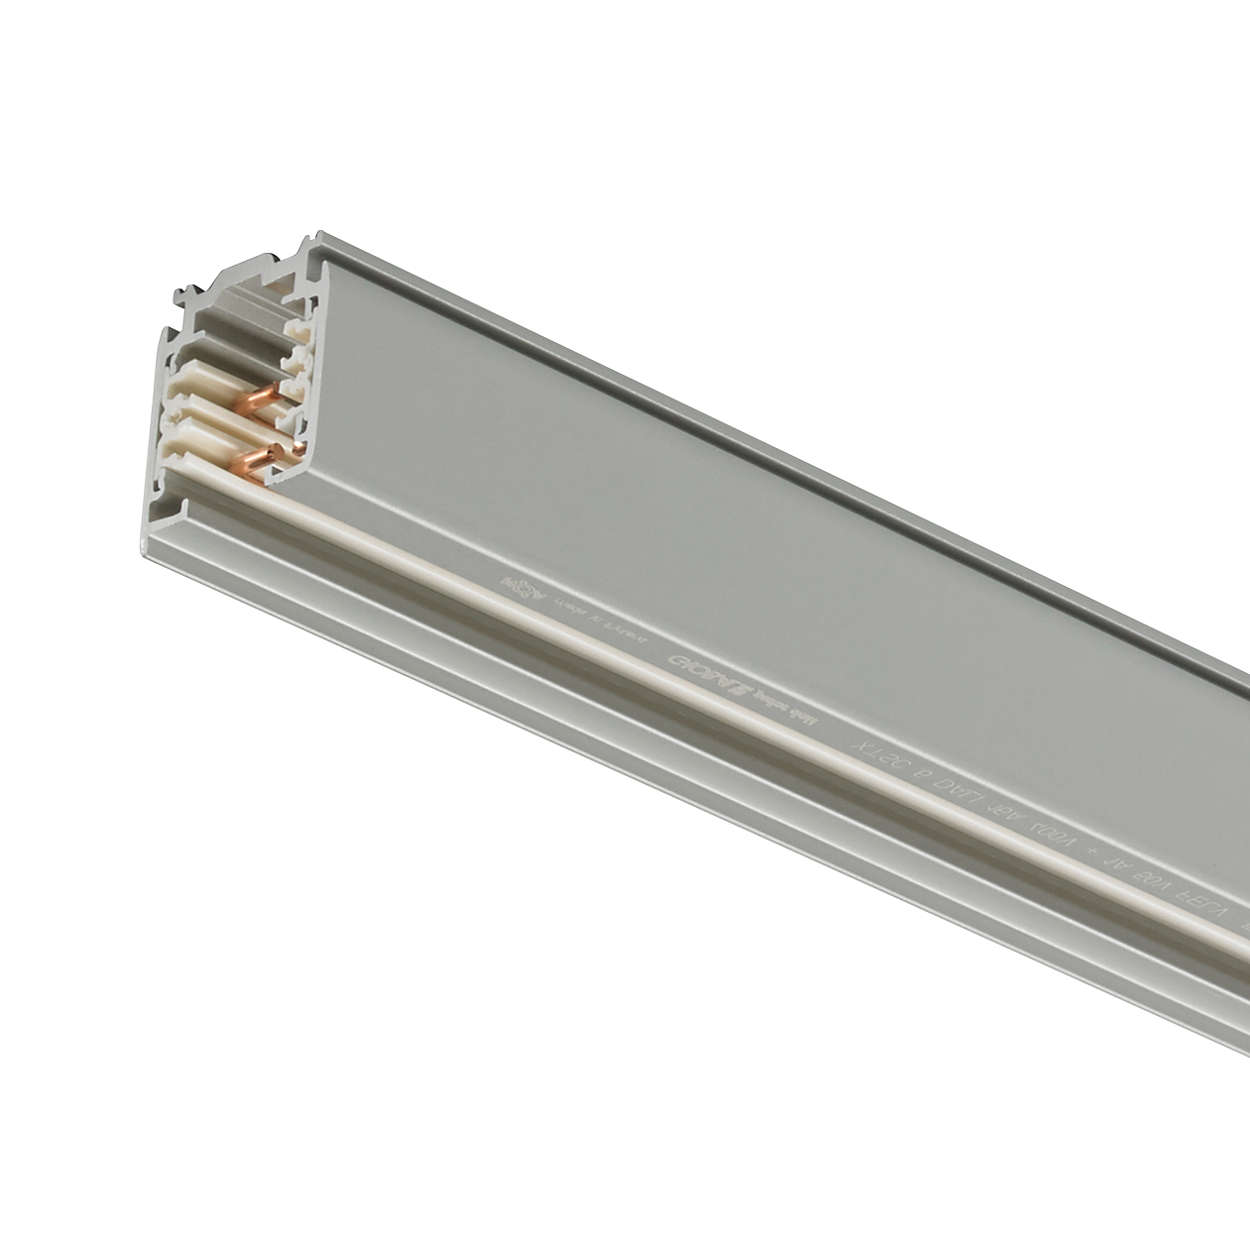 RCS750 3-фазный шинопровод квадратного сечения, гибкий и многофункциональный